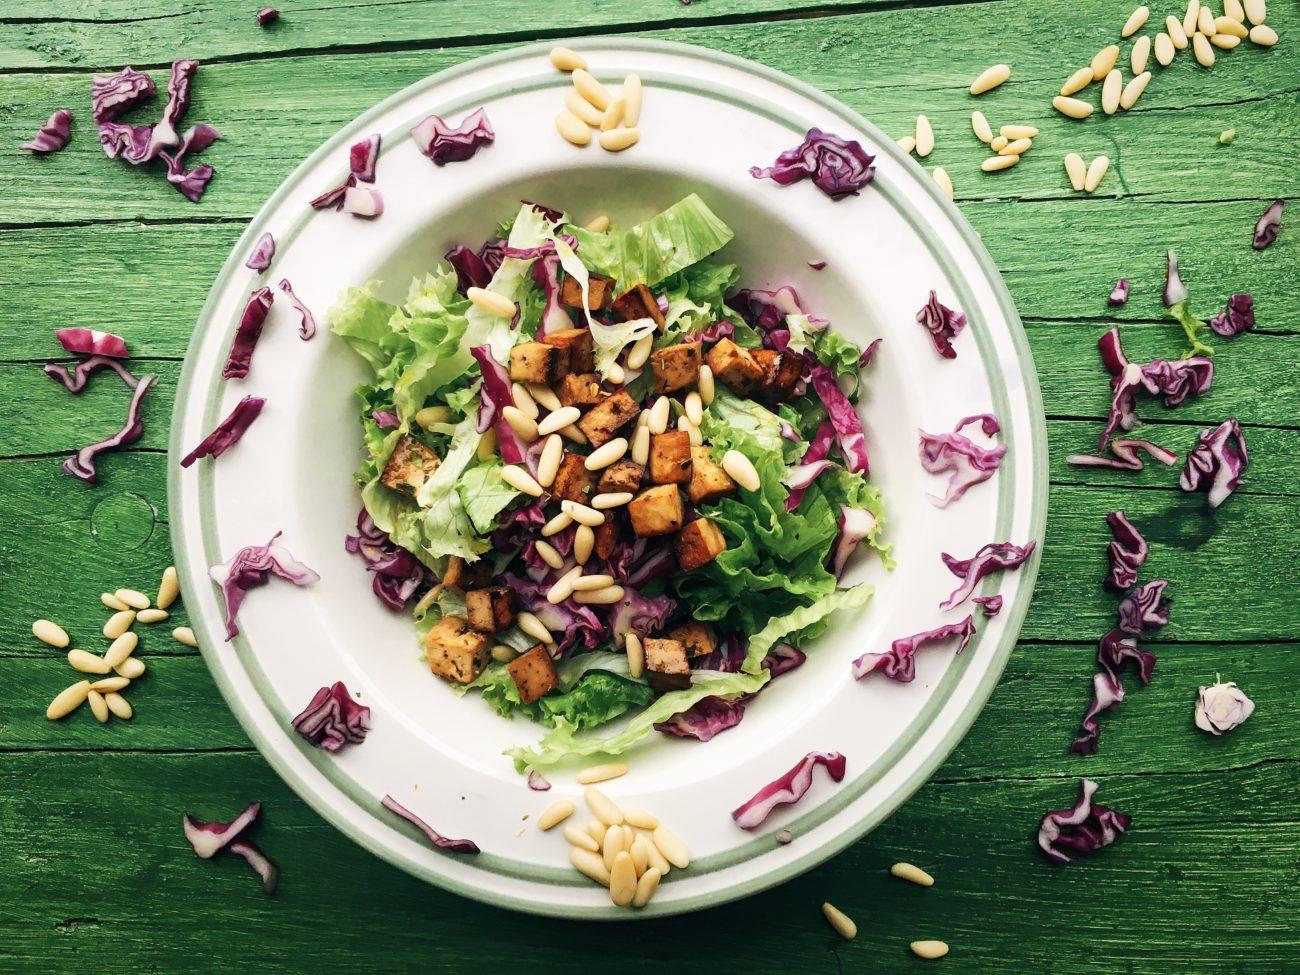 Insalatona con tofu, pinoli e cavolo viola